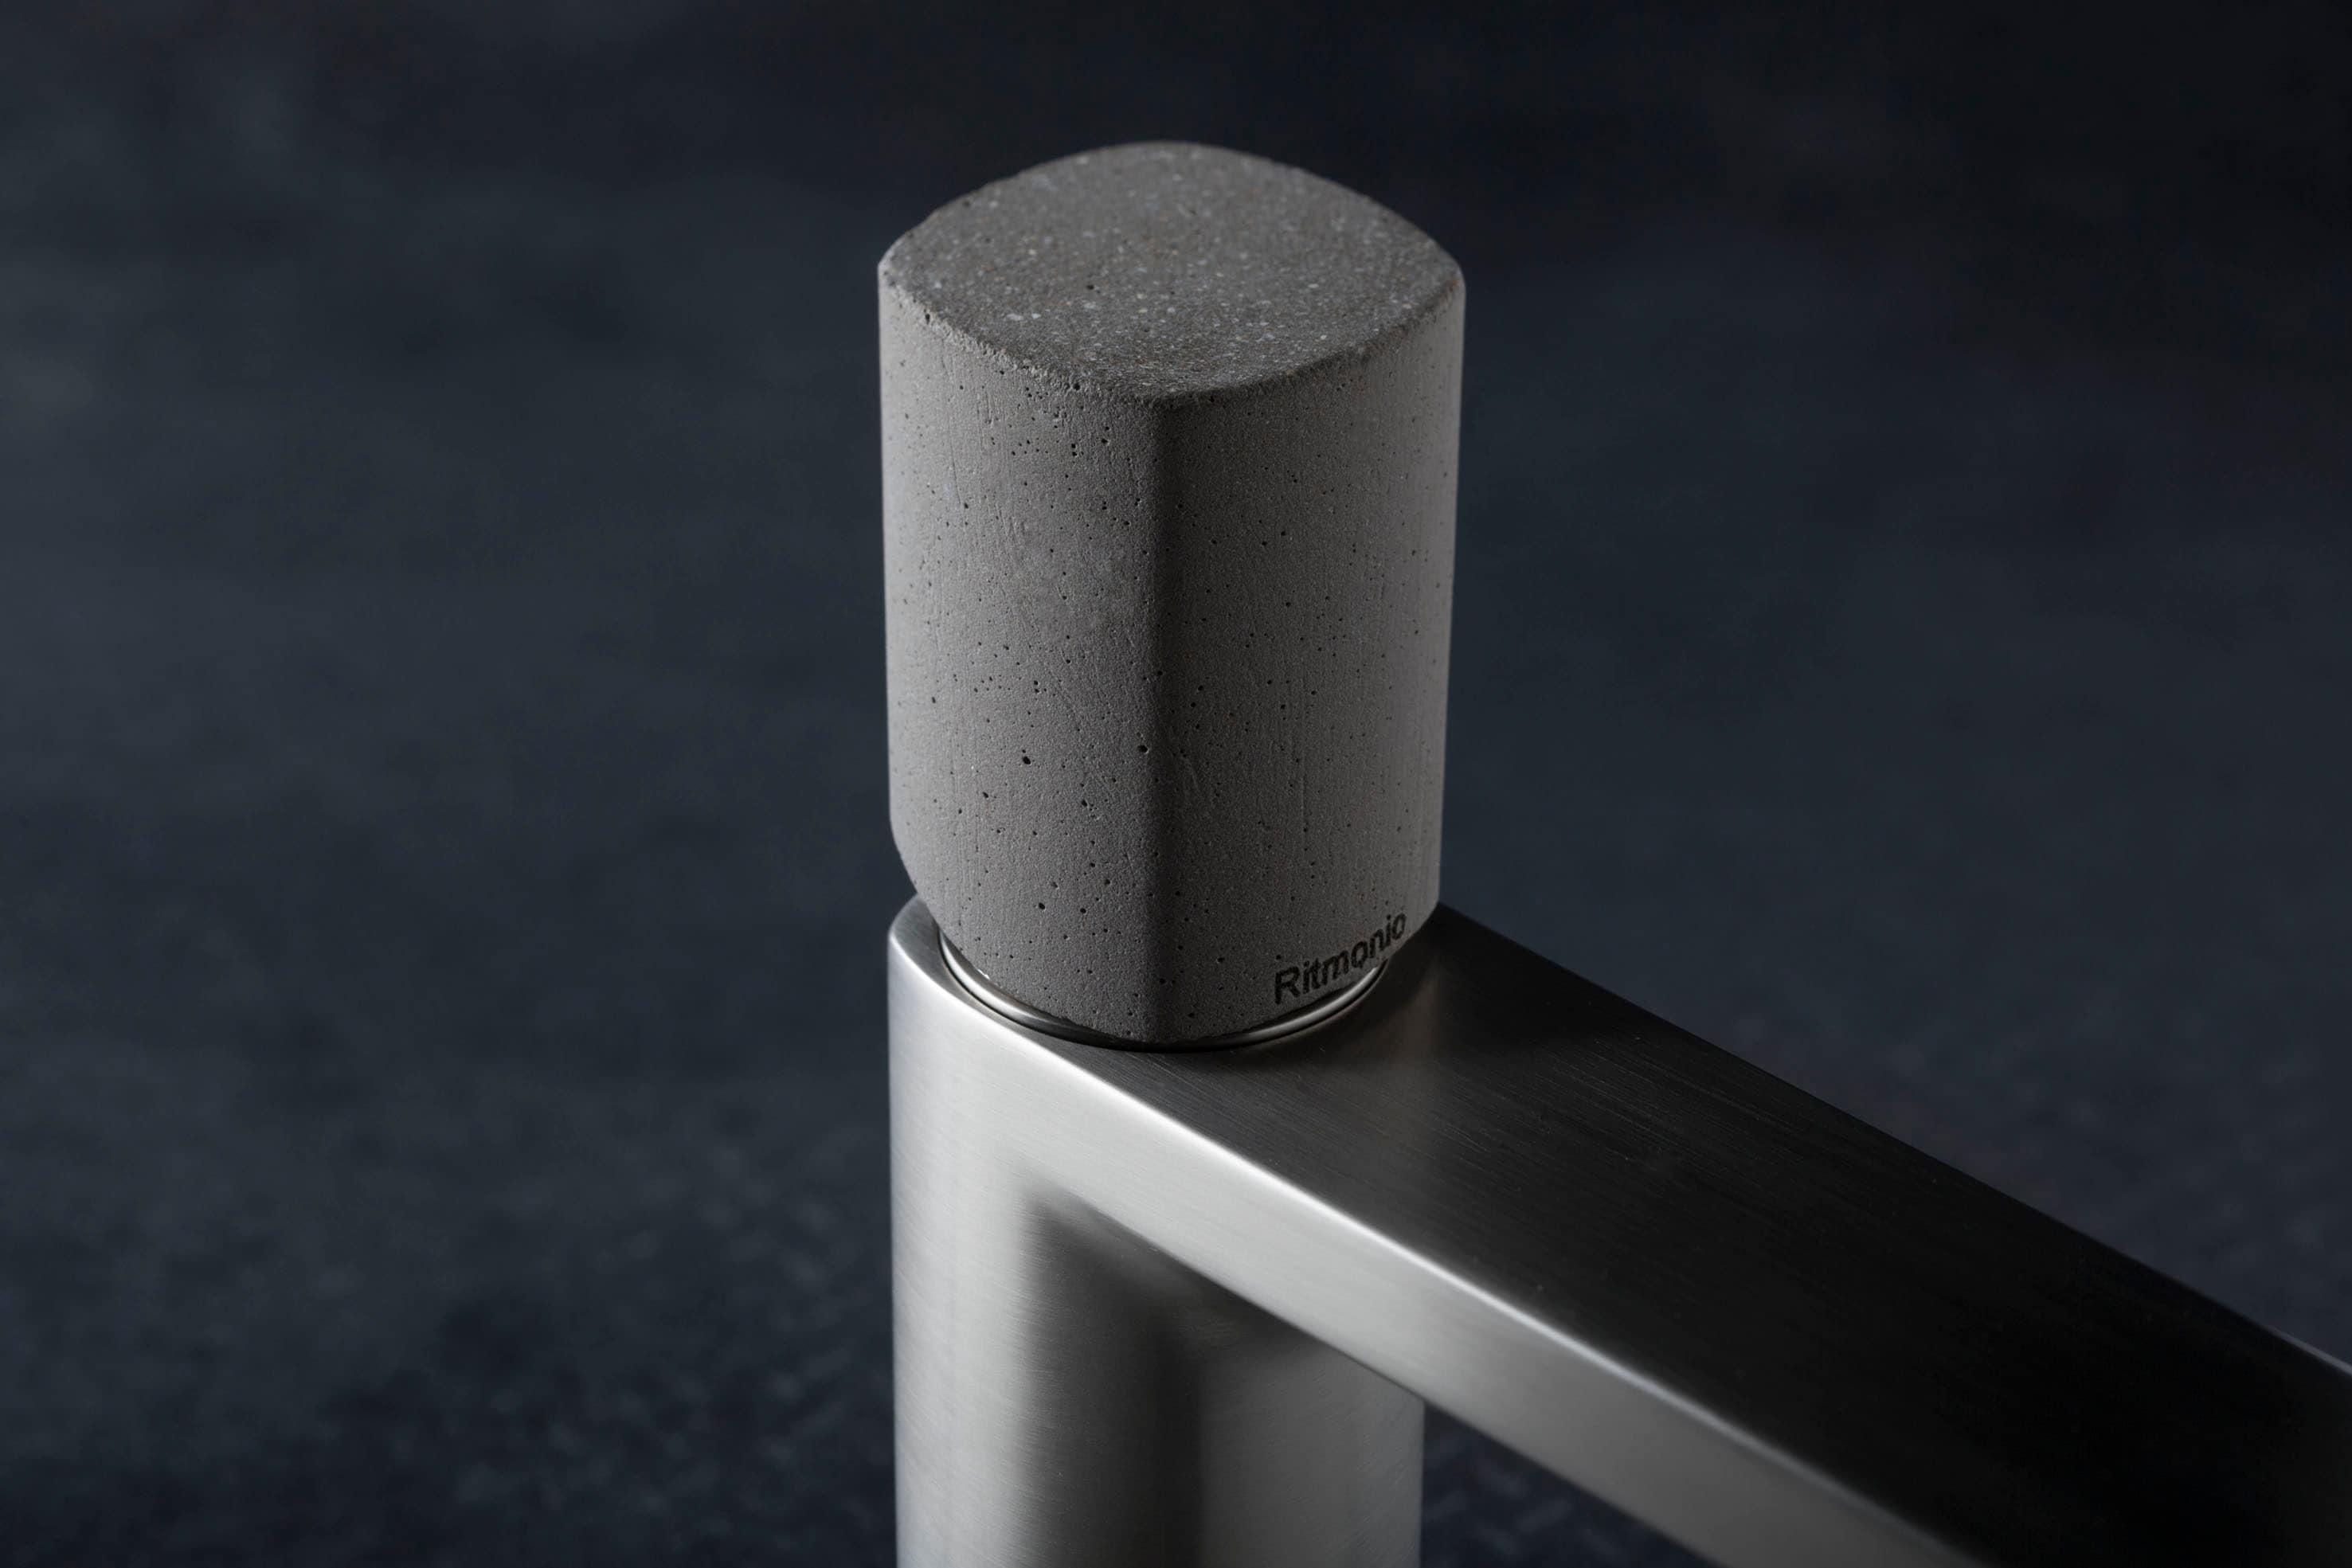 Dimensione cemento